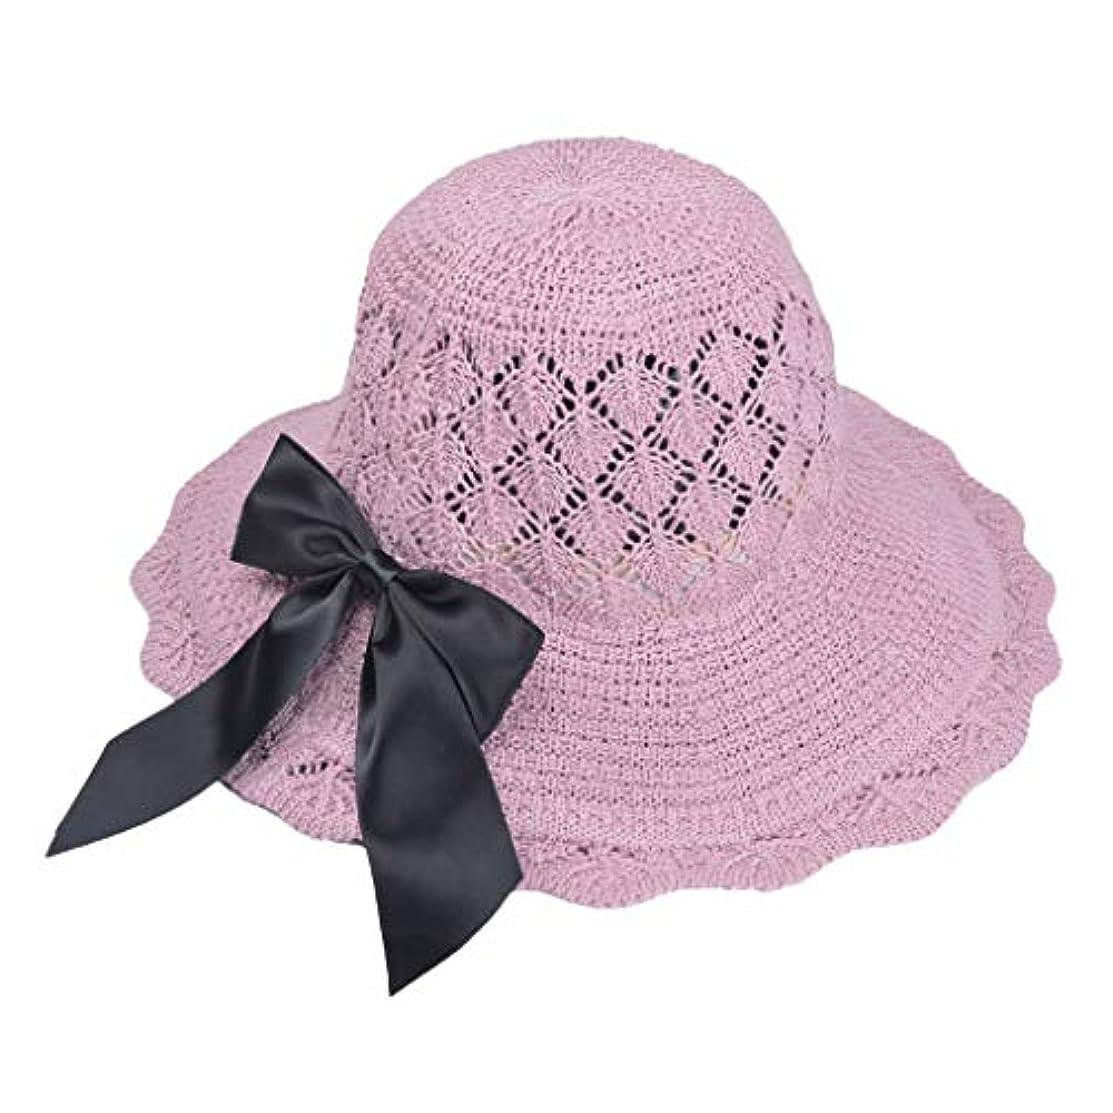 反発するミトン備品帽子 ハット 女性のつば広フロッピー折り畳み式弓結び目固体夏太陽ビーチ帽子